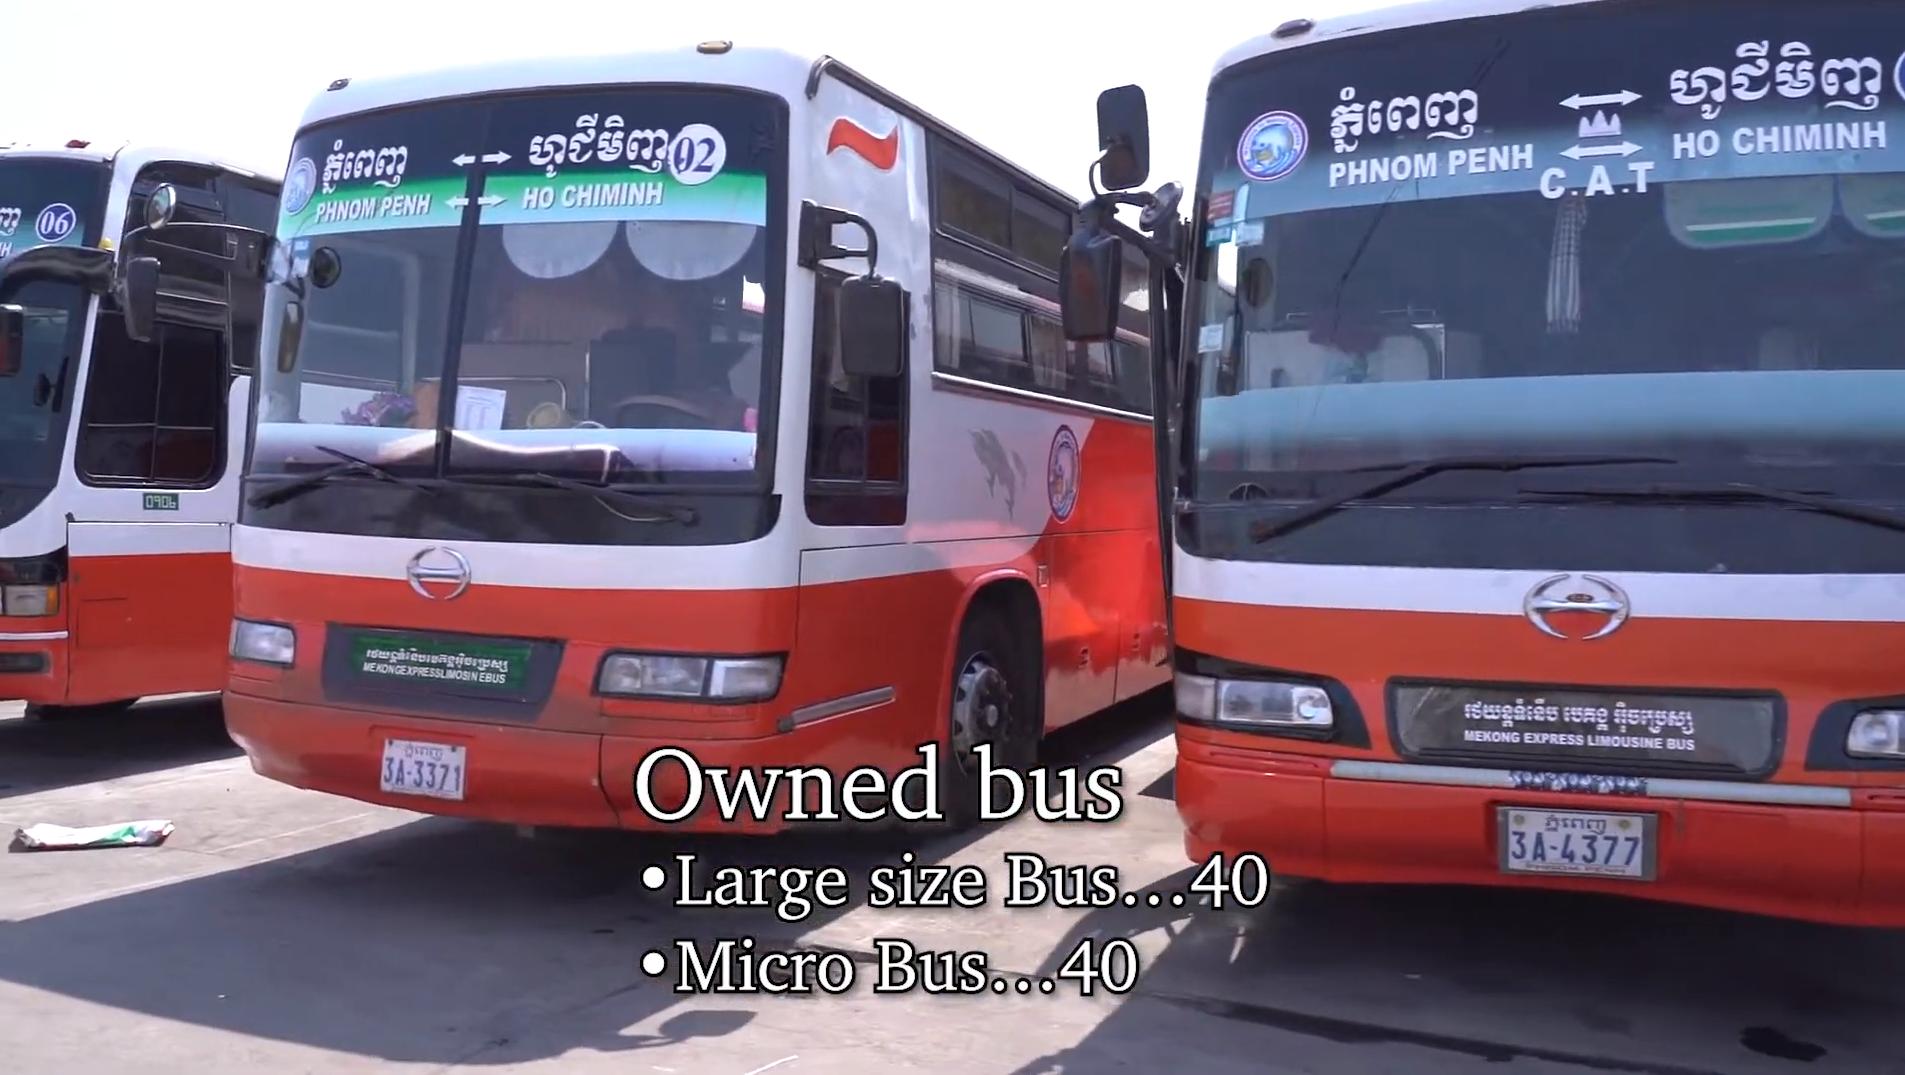 経営業態・計画 動画 – Mekong Express (カンボジア)